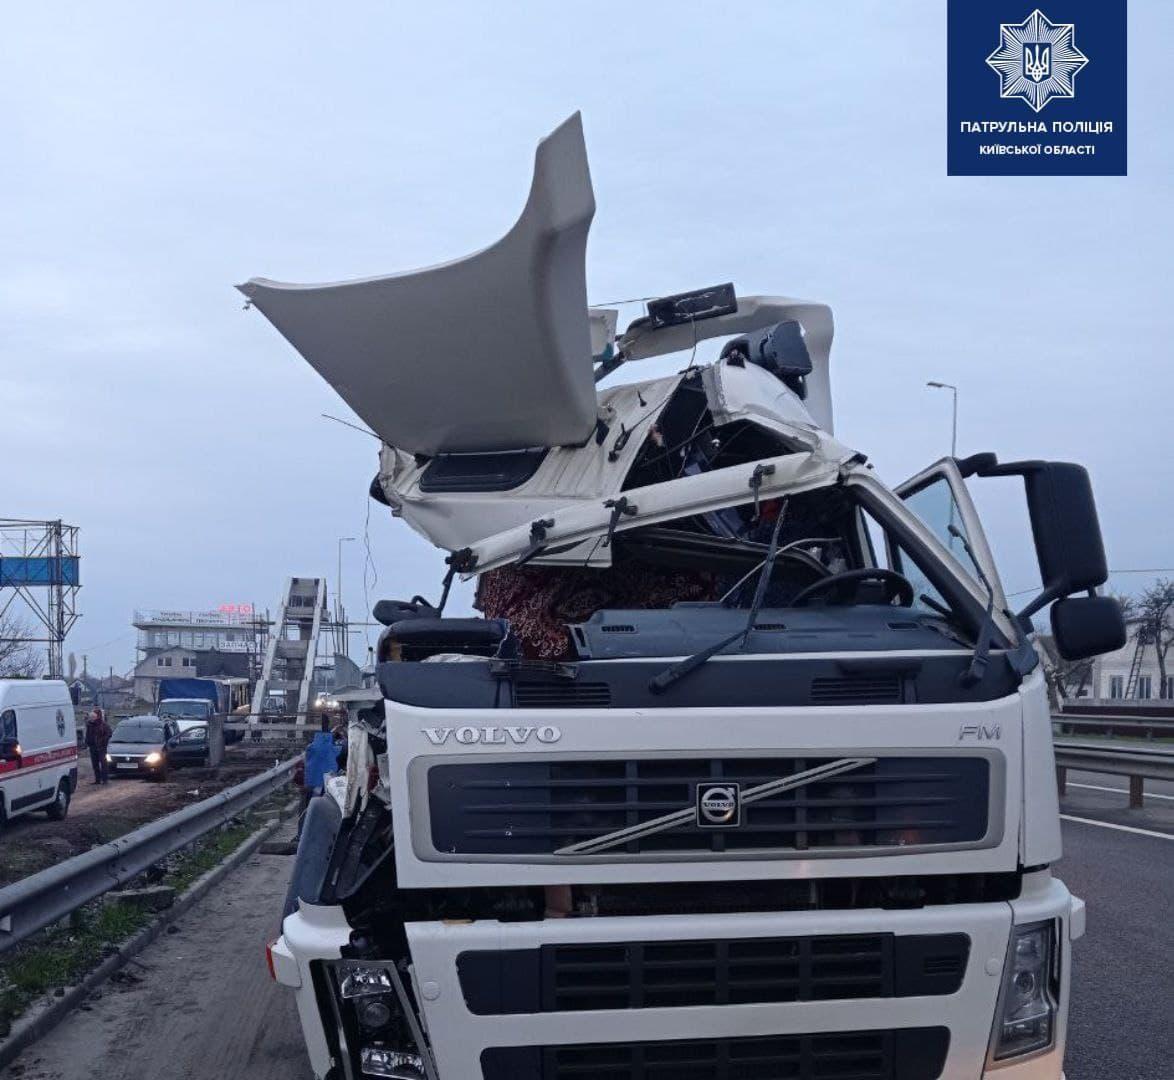 Авария фуры под Киевом/ Патрульная полиция Киевской области